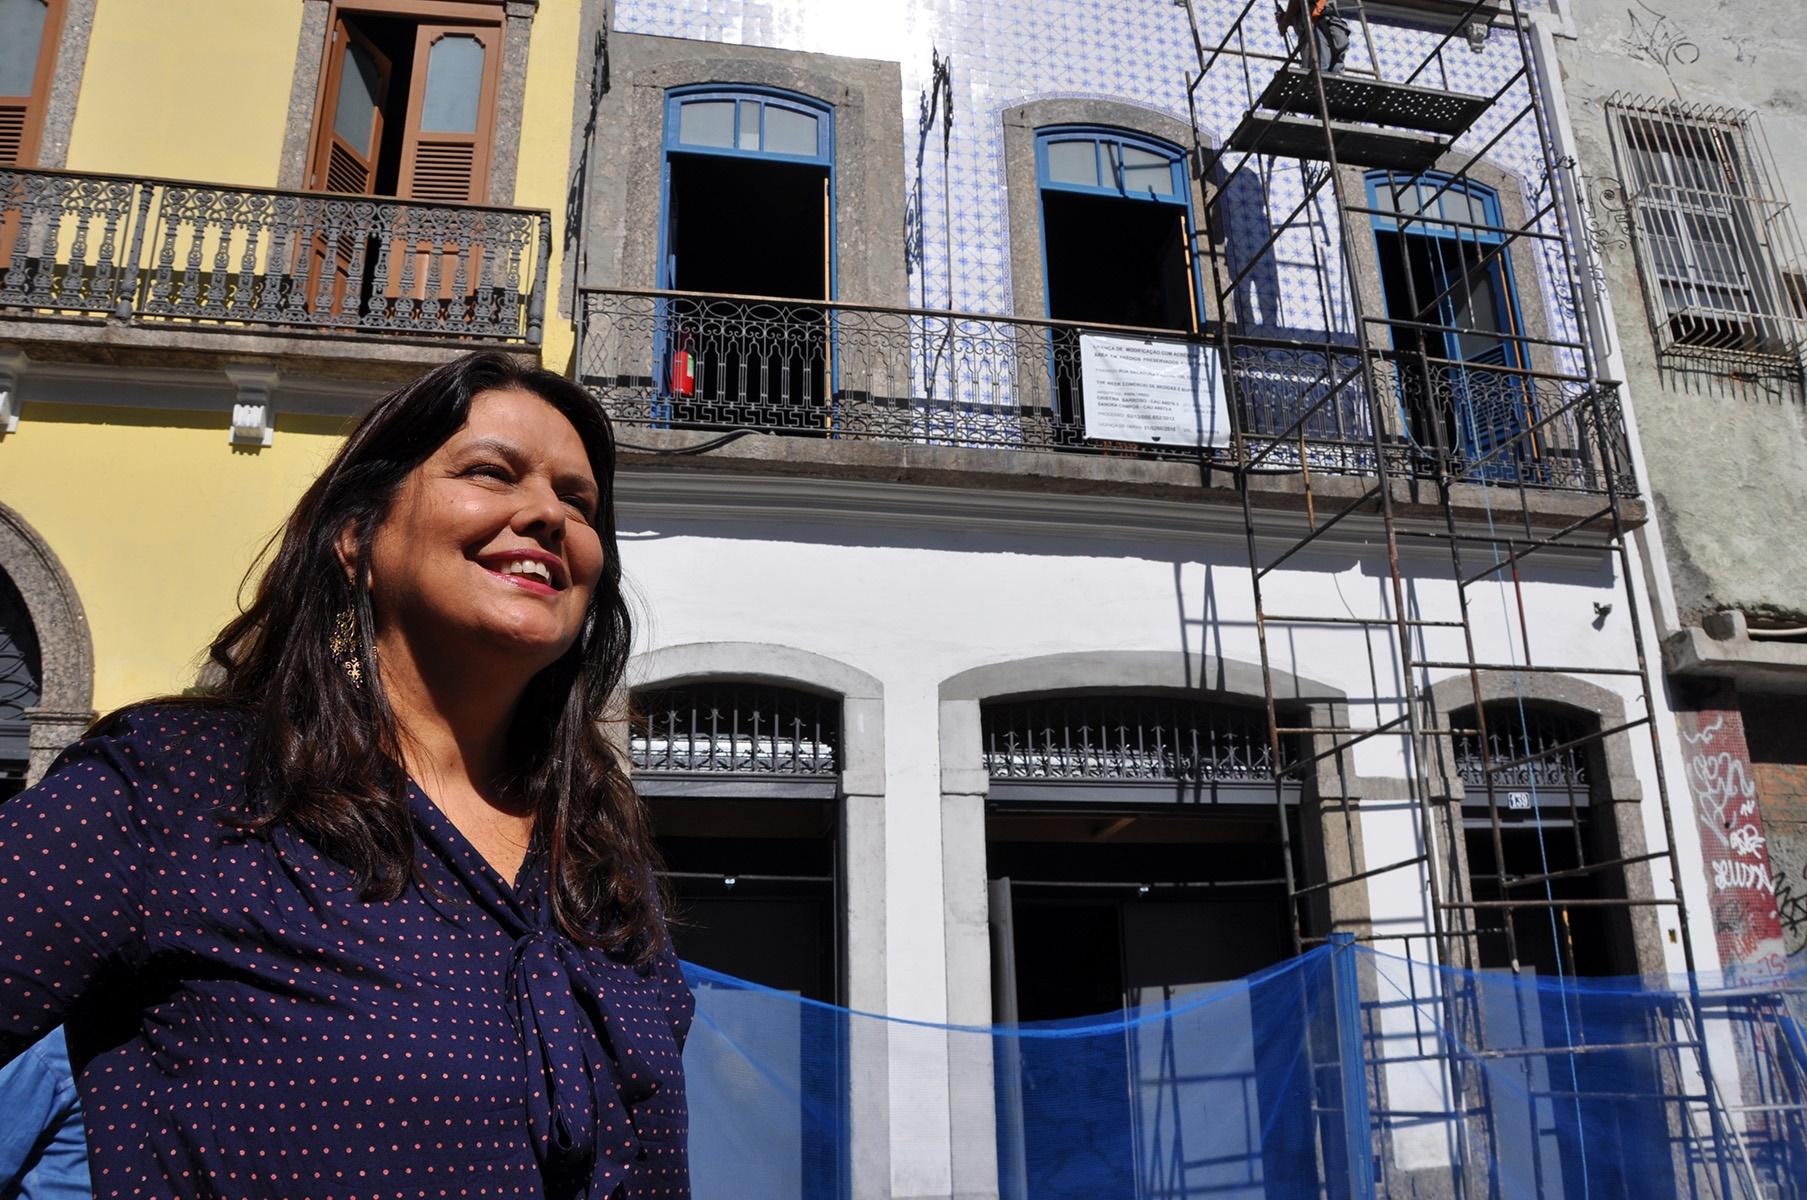 A arquiteta Cristina Camargo Barroso trabalha com projetos de restauração e preservação de imóveis em Apacs como a do Porto Maravilha. Foto Divulgação